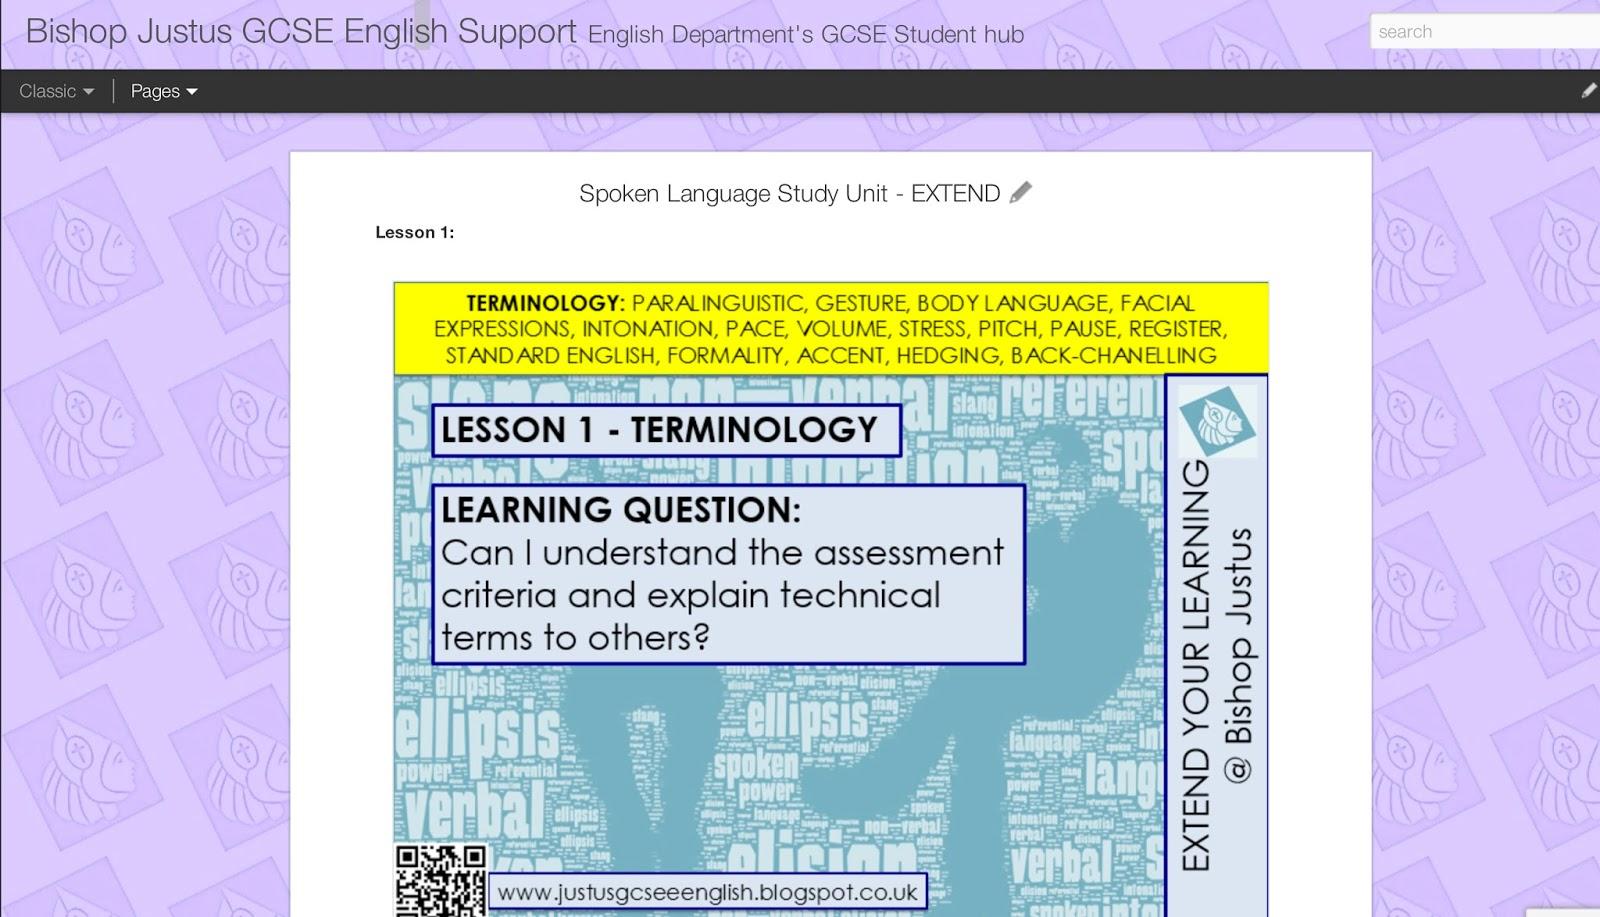 spoken language gcse study Spoken language in gcse 9-1 english language (from 2015) 9-1 gcse english language: spoken language study - duration.